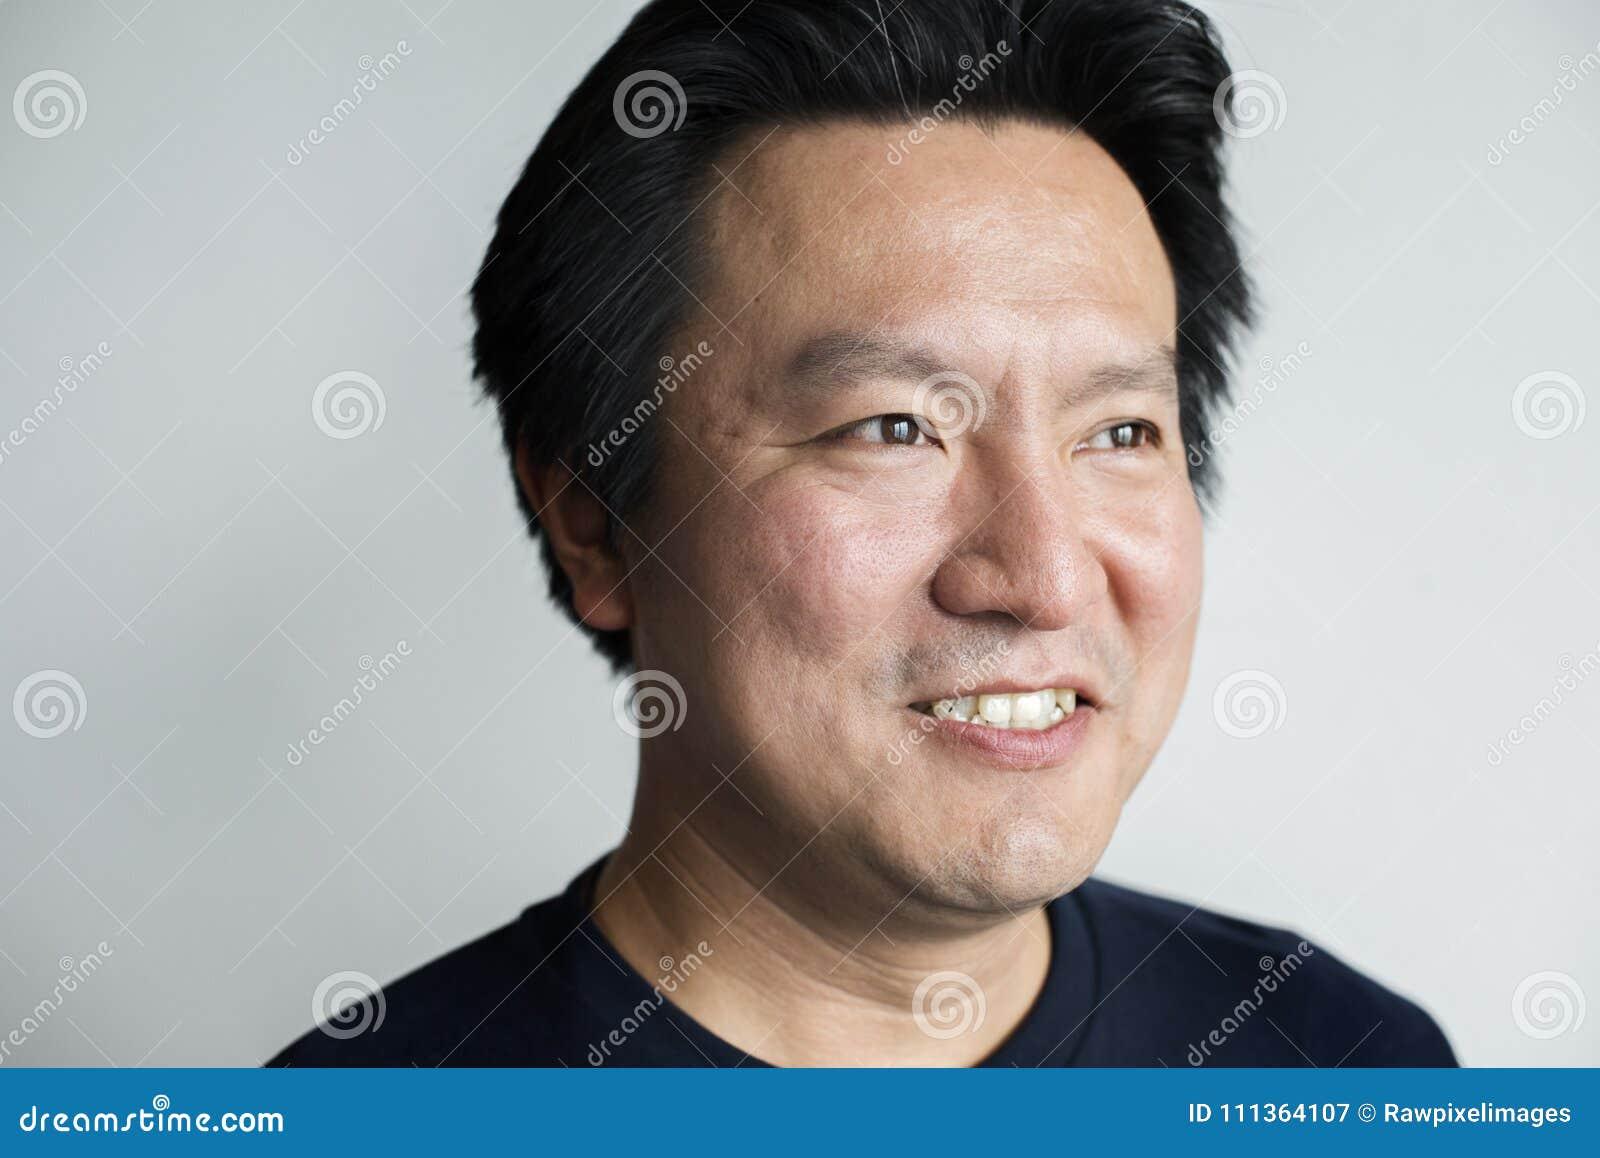 Portriat uśmiechnięty Azjatycki mężczyzna